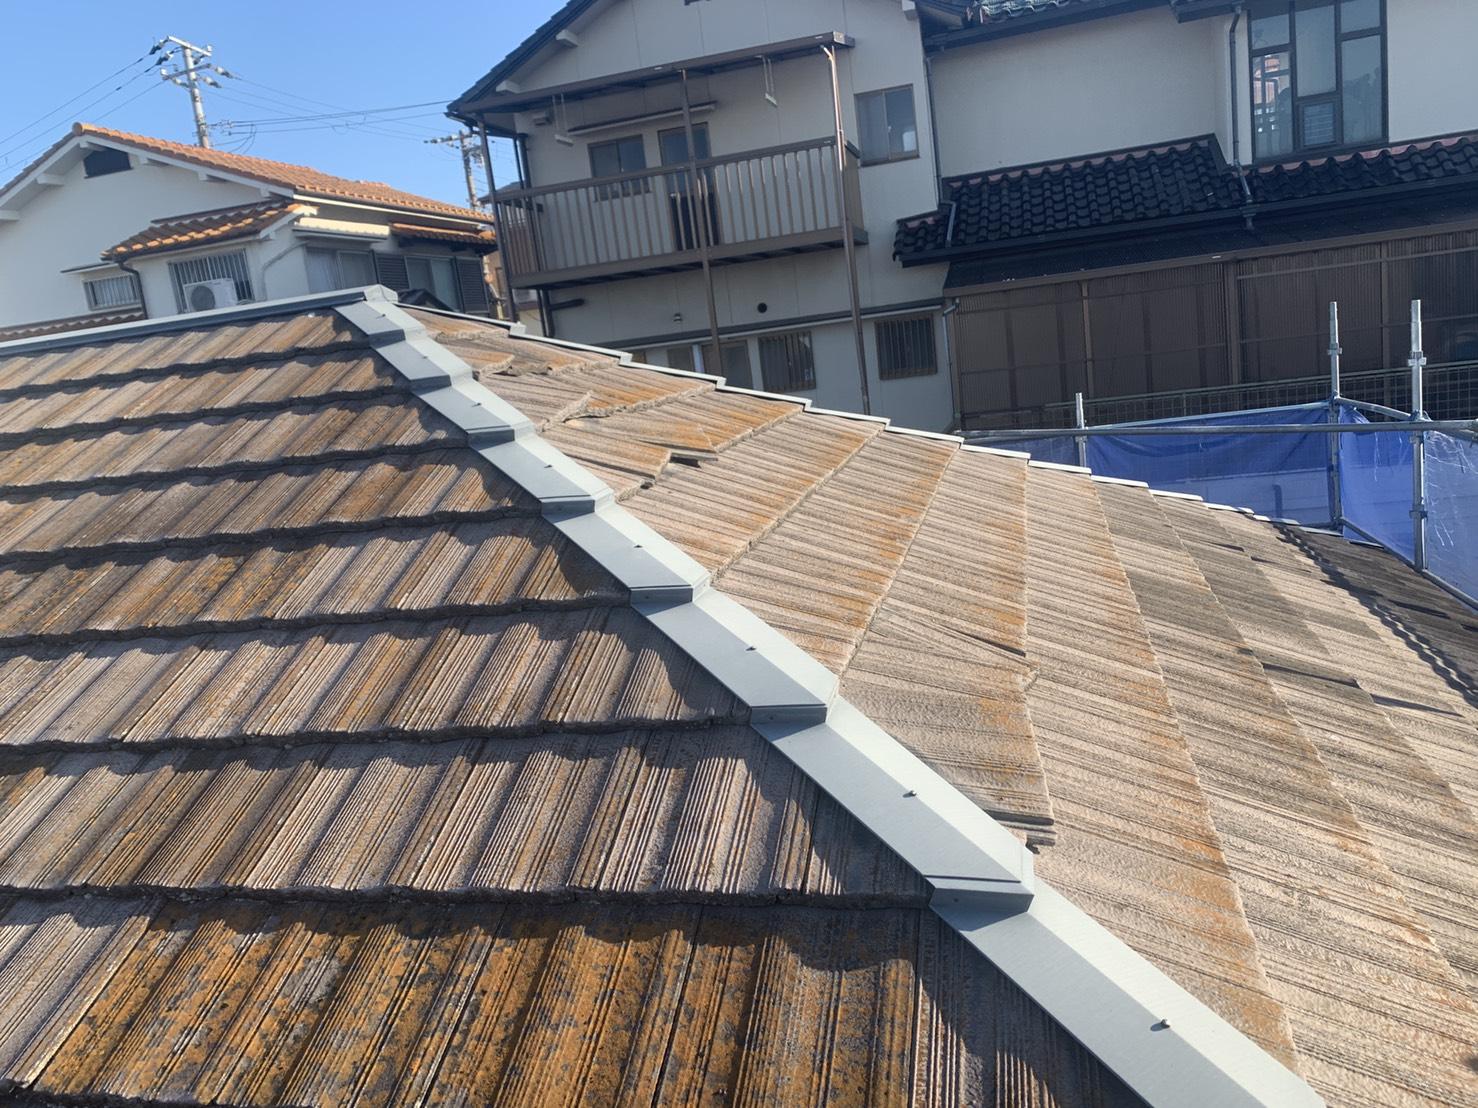 瓦屋根がズレていたお家の屋根の全景